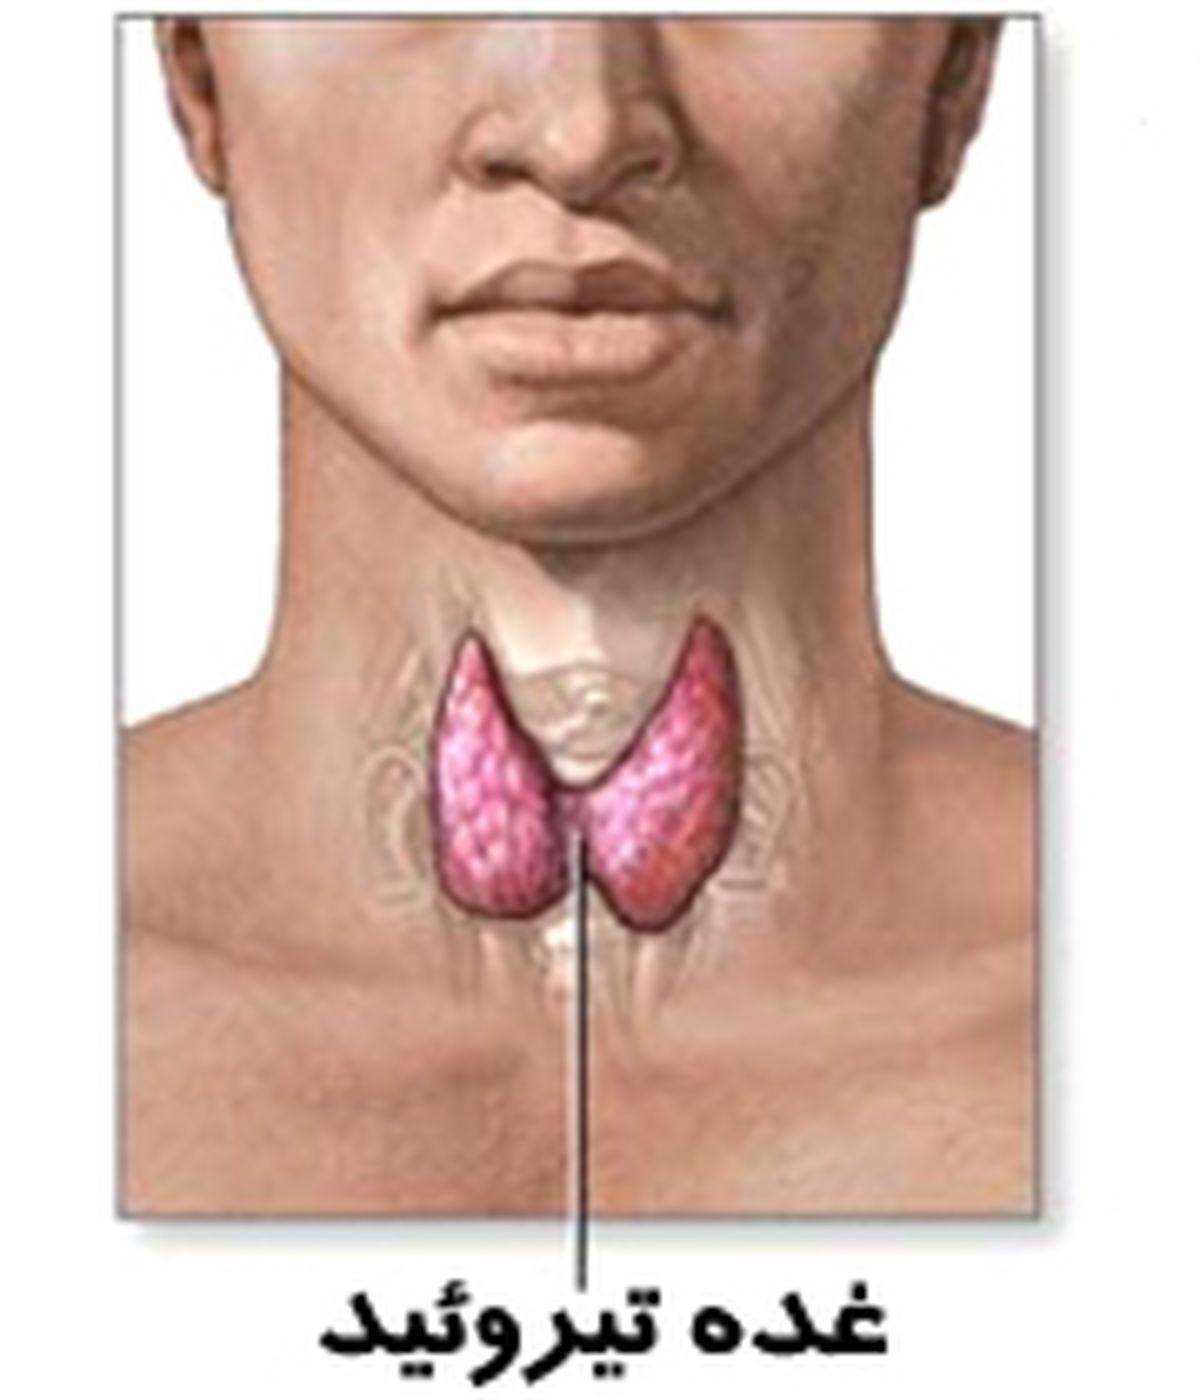 داروی لووتیروکسین برای کمکاری تیروئید مفید است